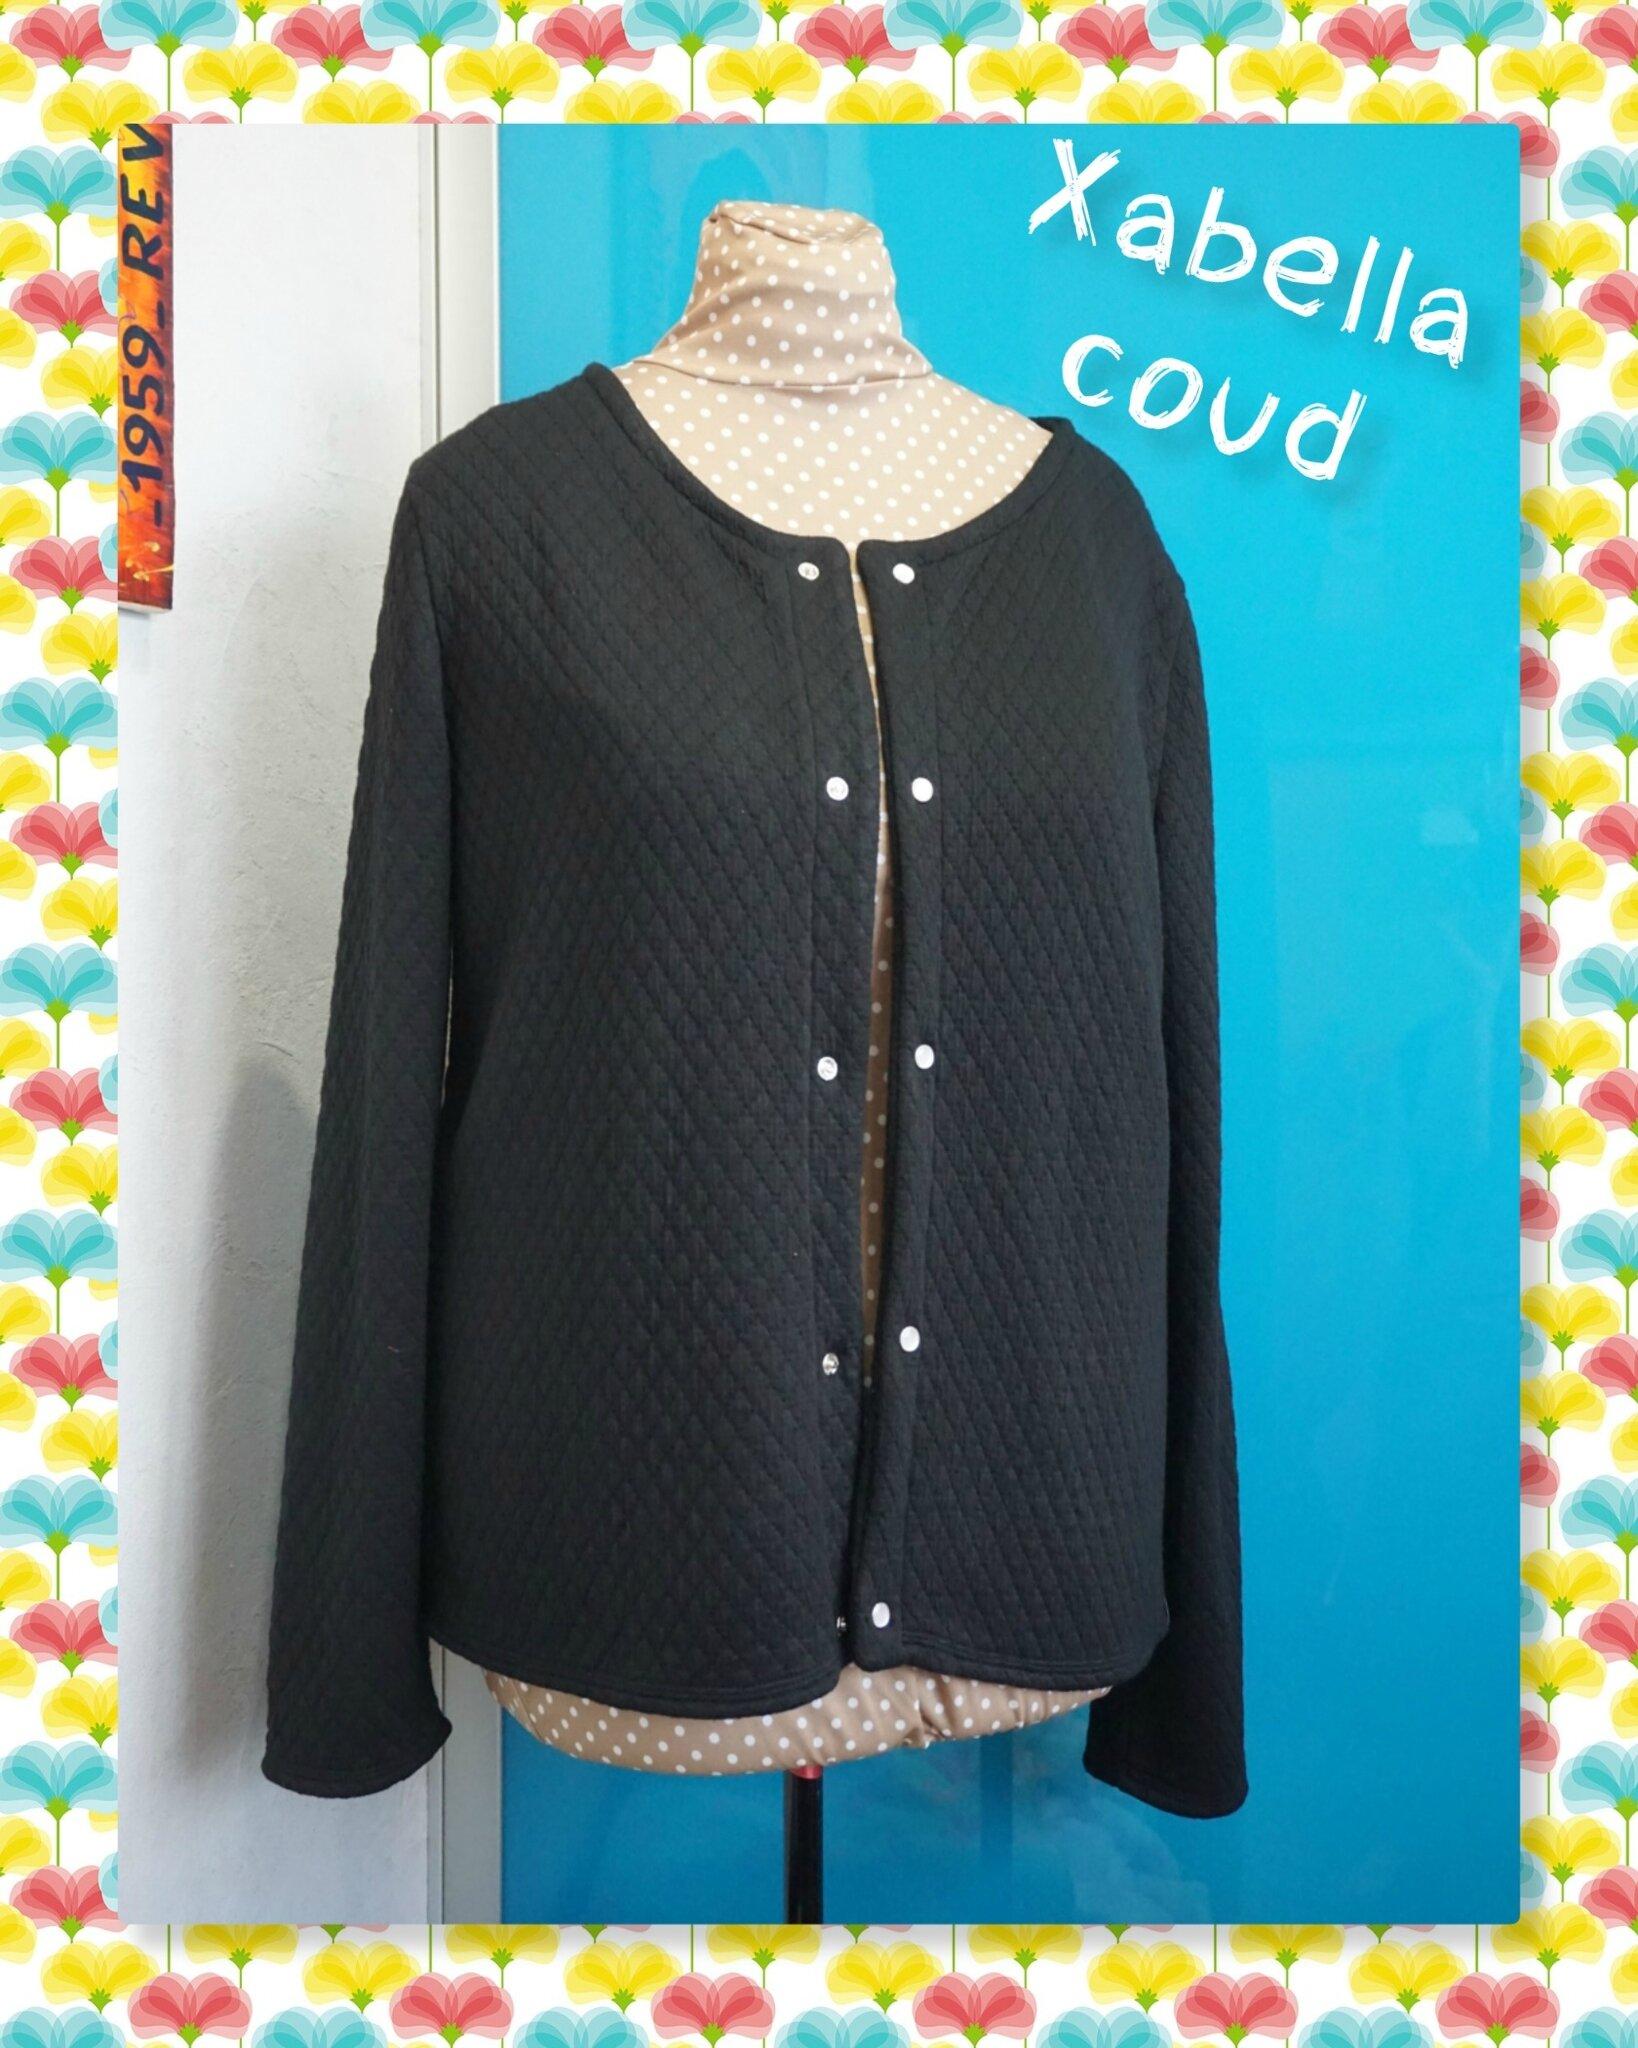 Gilet Monceau   ses jolies pressions Snapsource - Xabella tricote et ... 0b996e37771